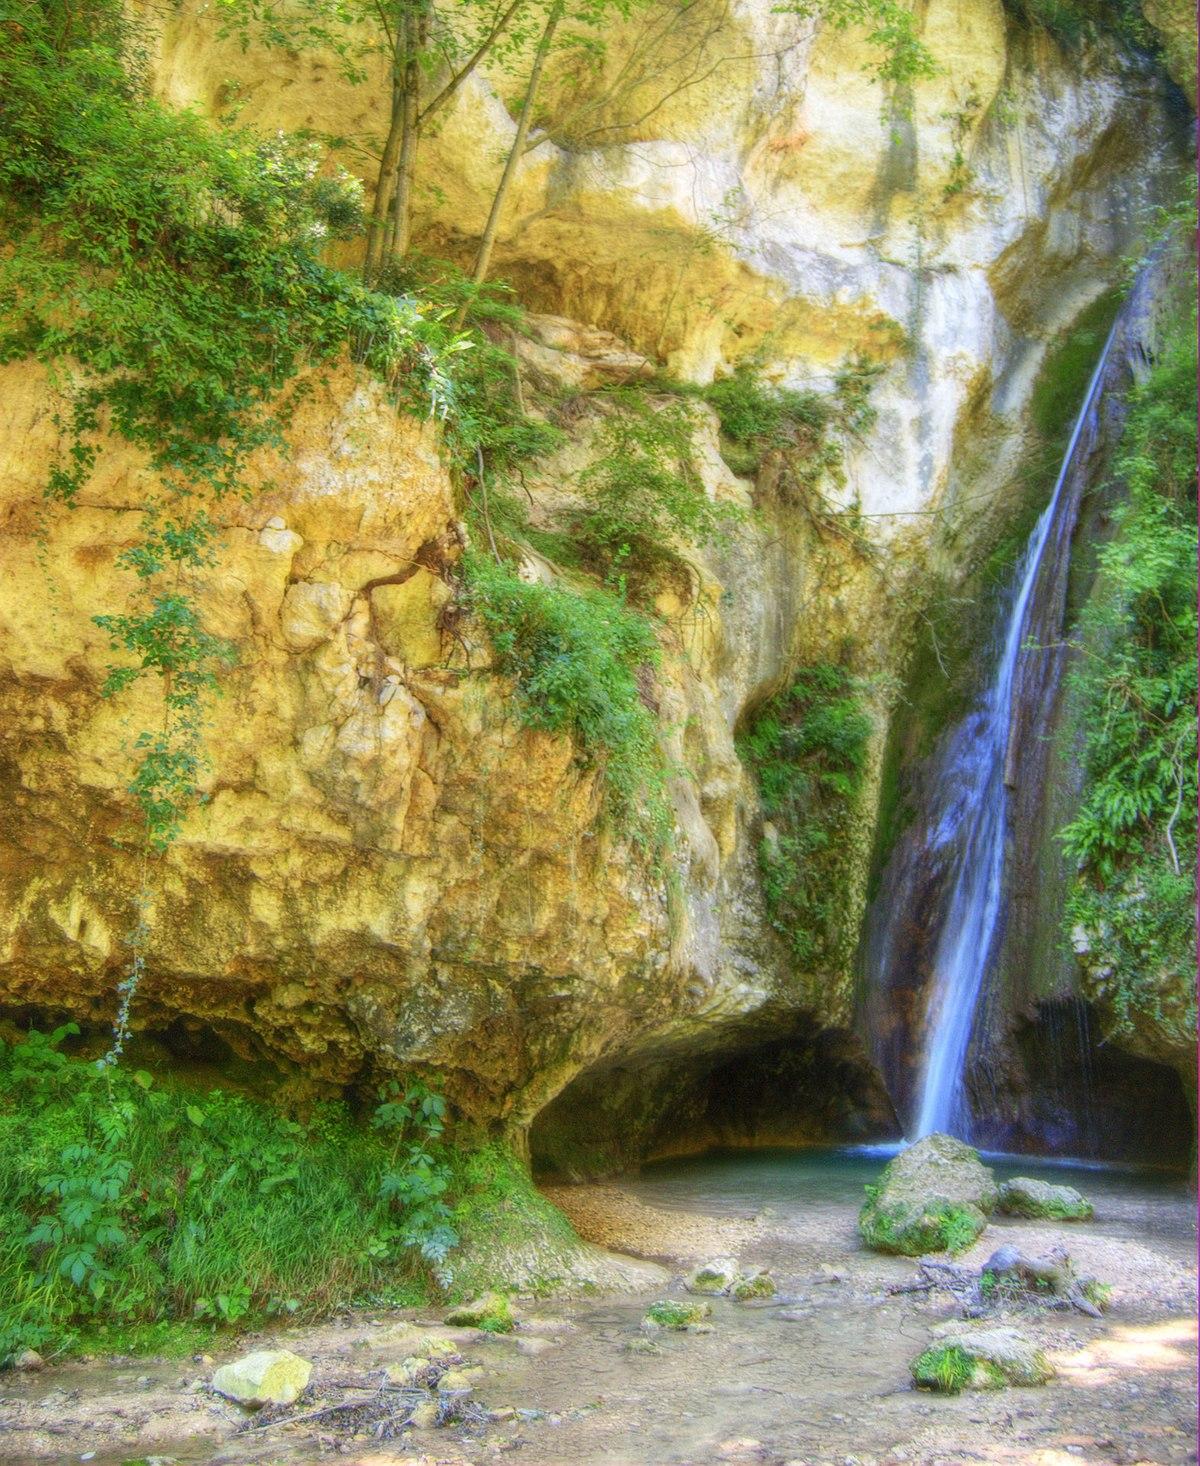 Parco delle cascate di Molina  Wikipedia